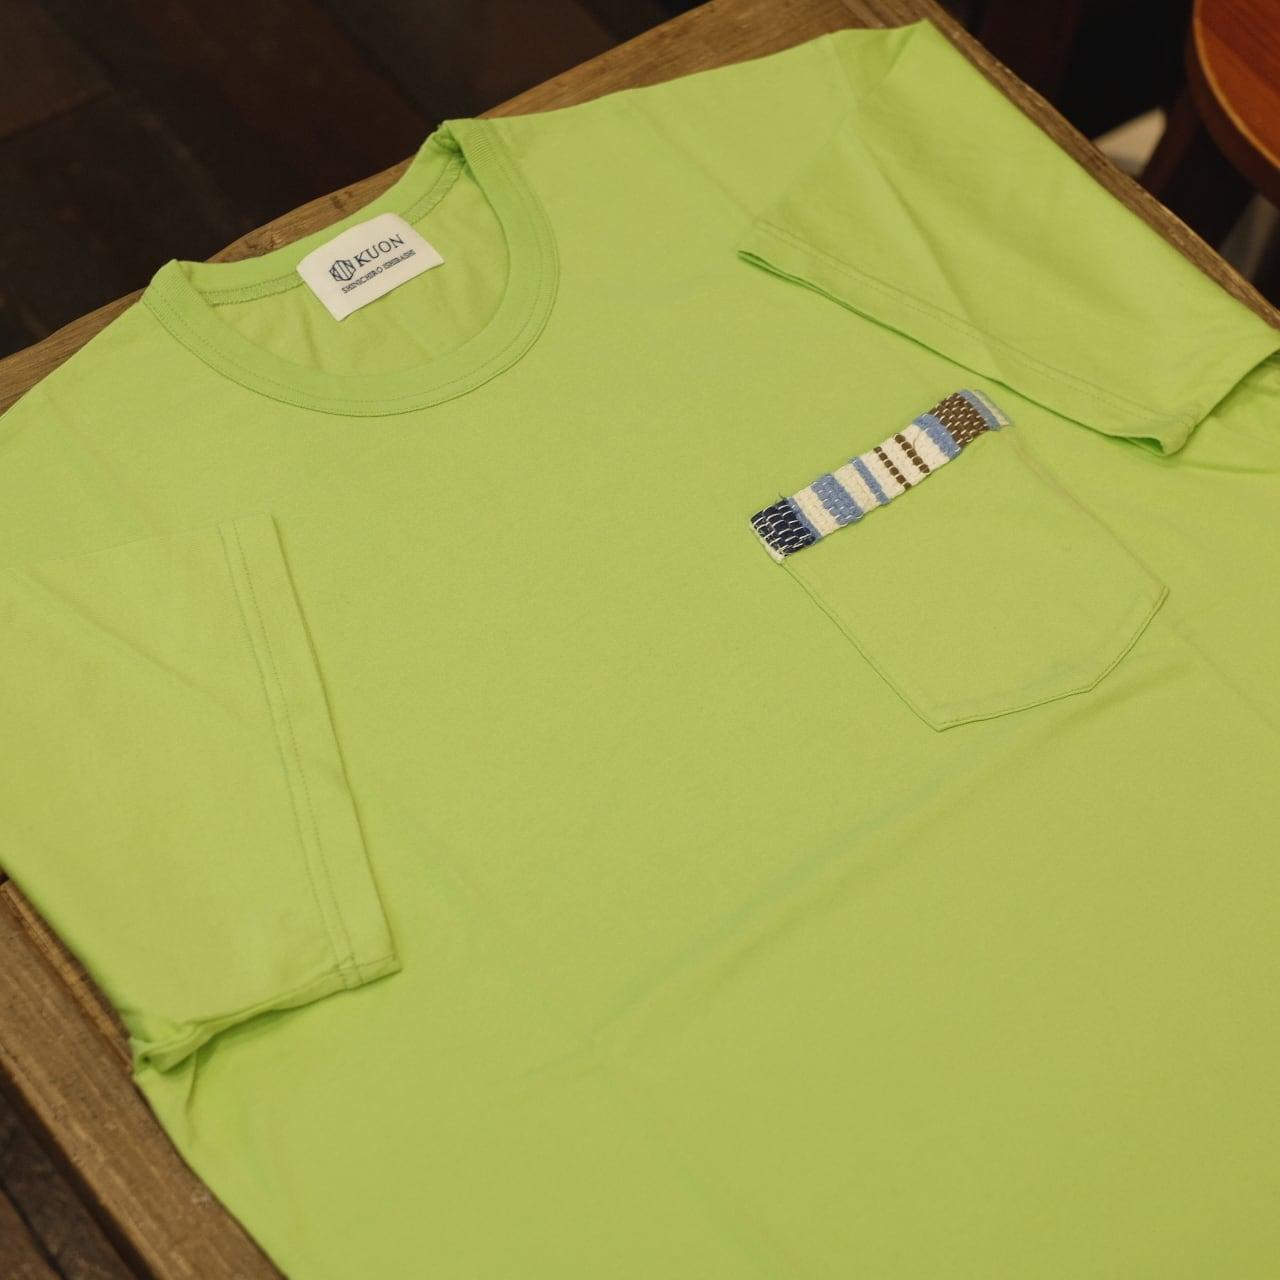 KUON(クオン) 胸ポケット裂き織り 半袖Tシャツ ライム